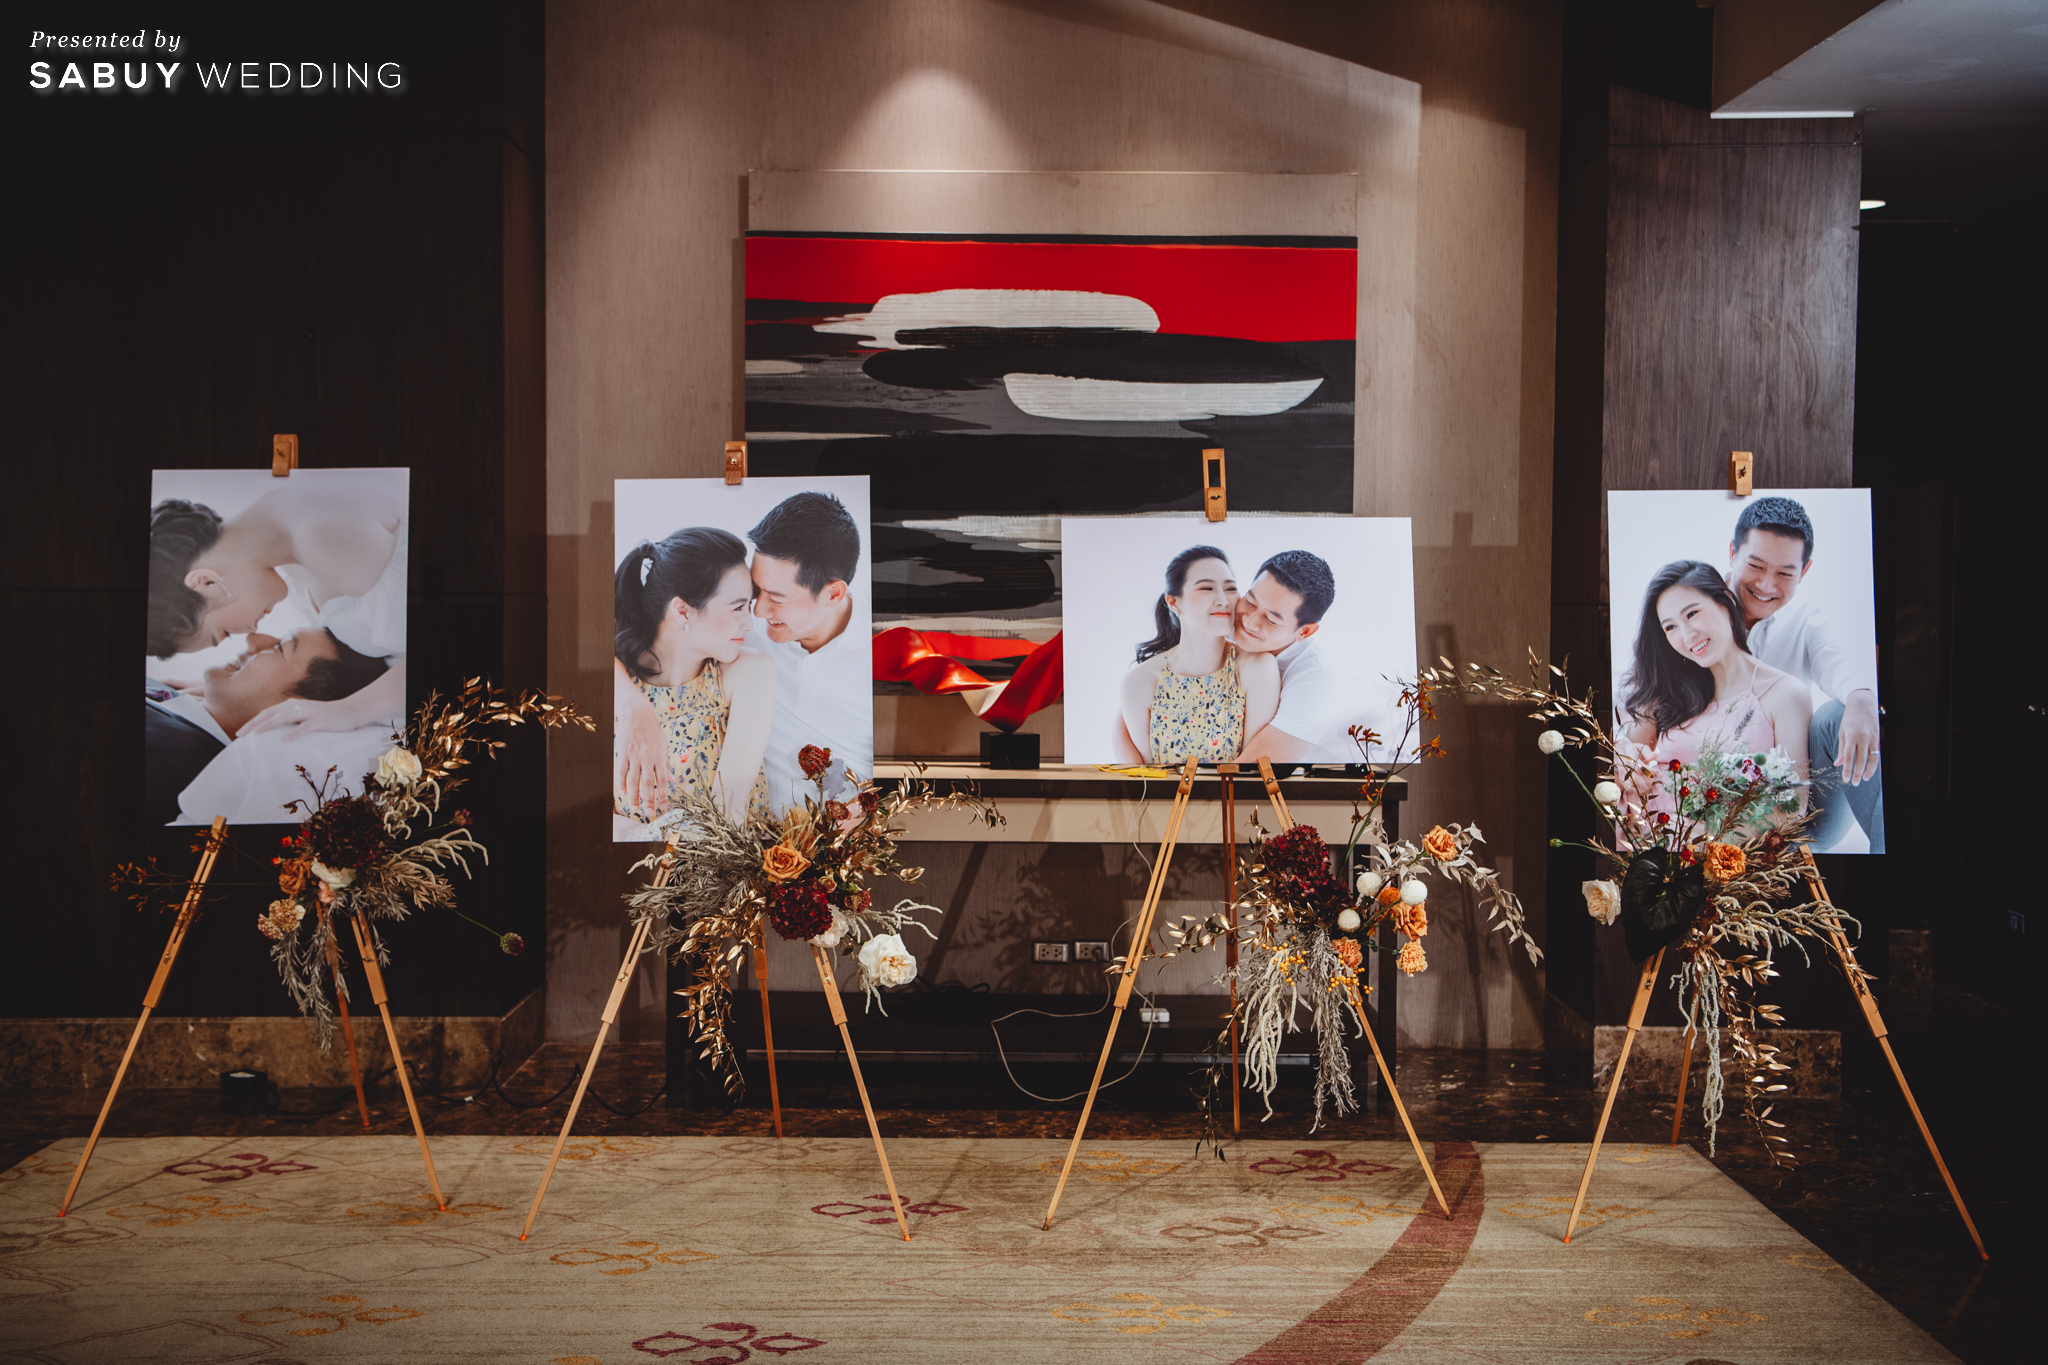 ตกแต่งงานแต่งงาน,ออแกไนเซอร์,จัดงานแต่งงาน รีวิวงานแต่งโทนสีแชมเปญ สวยเรียบหรู ดูโมเดิร์น @ Sofitel Bangkok Sukhumvit